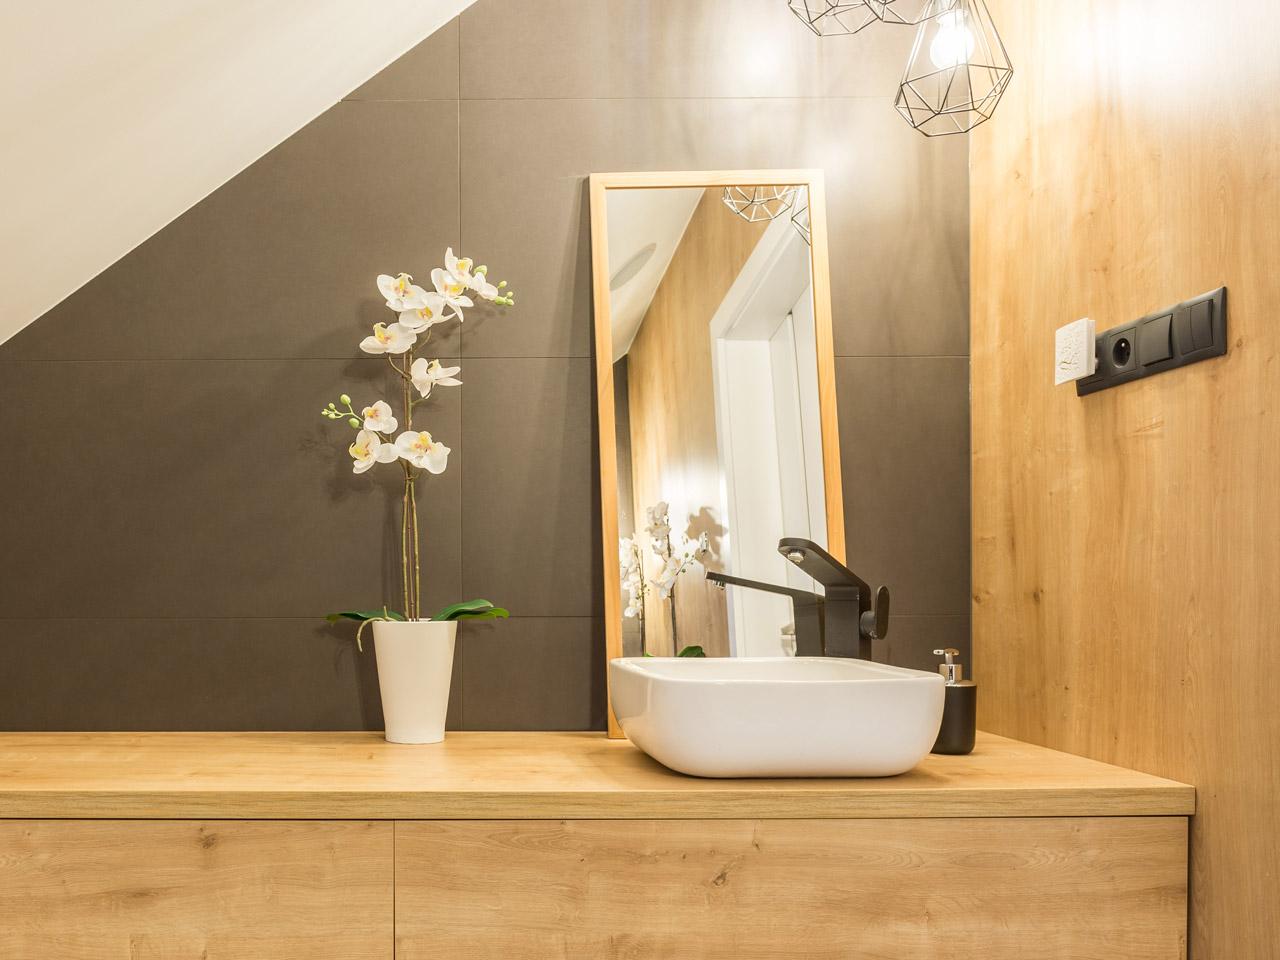 Bad Deko Orchidee vor grauer Wand